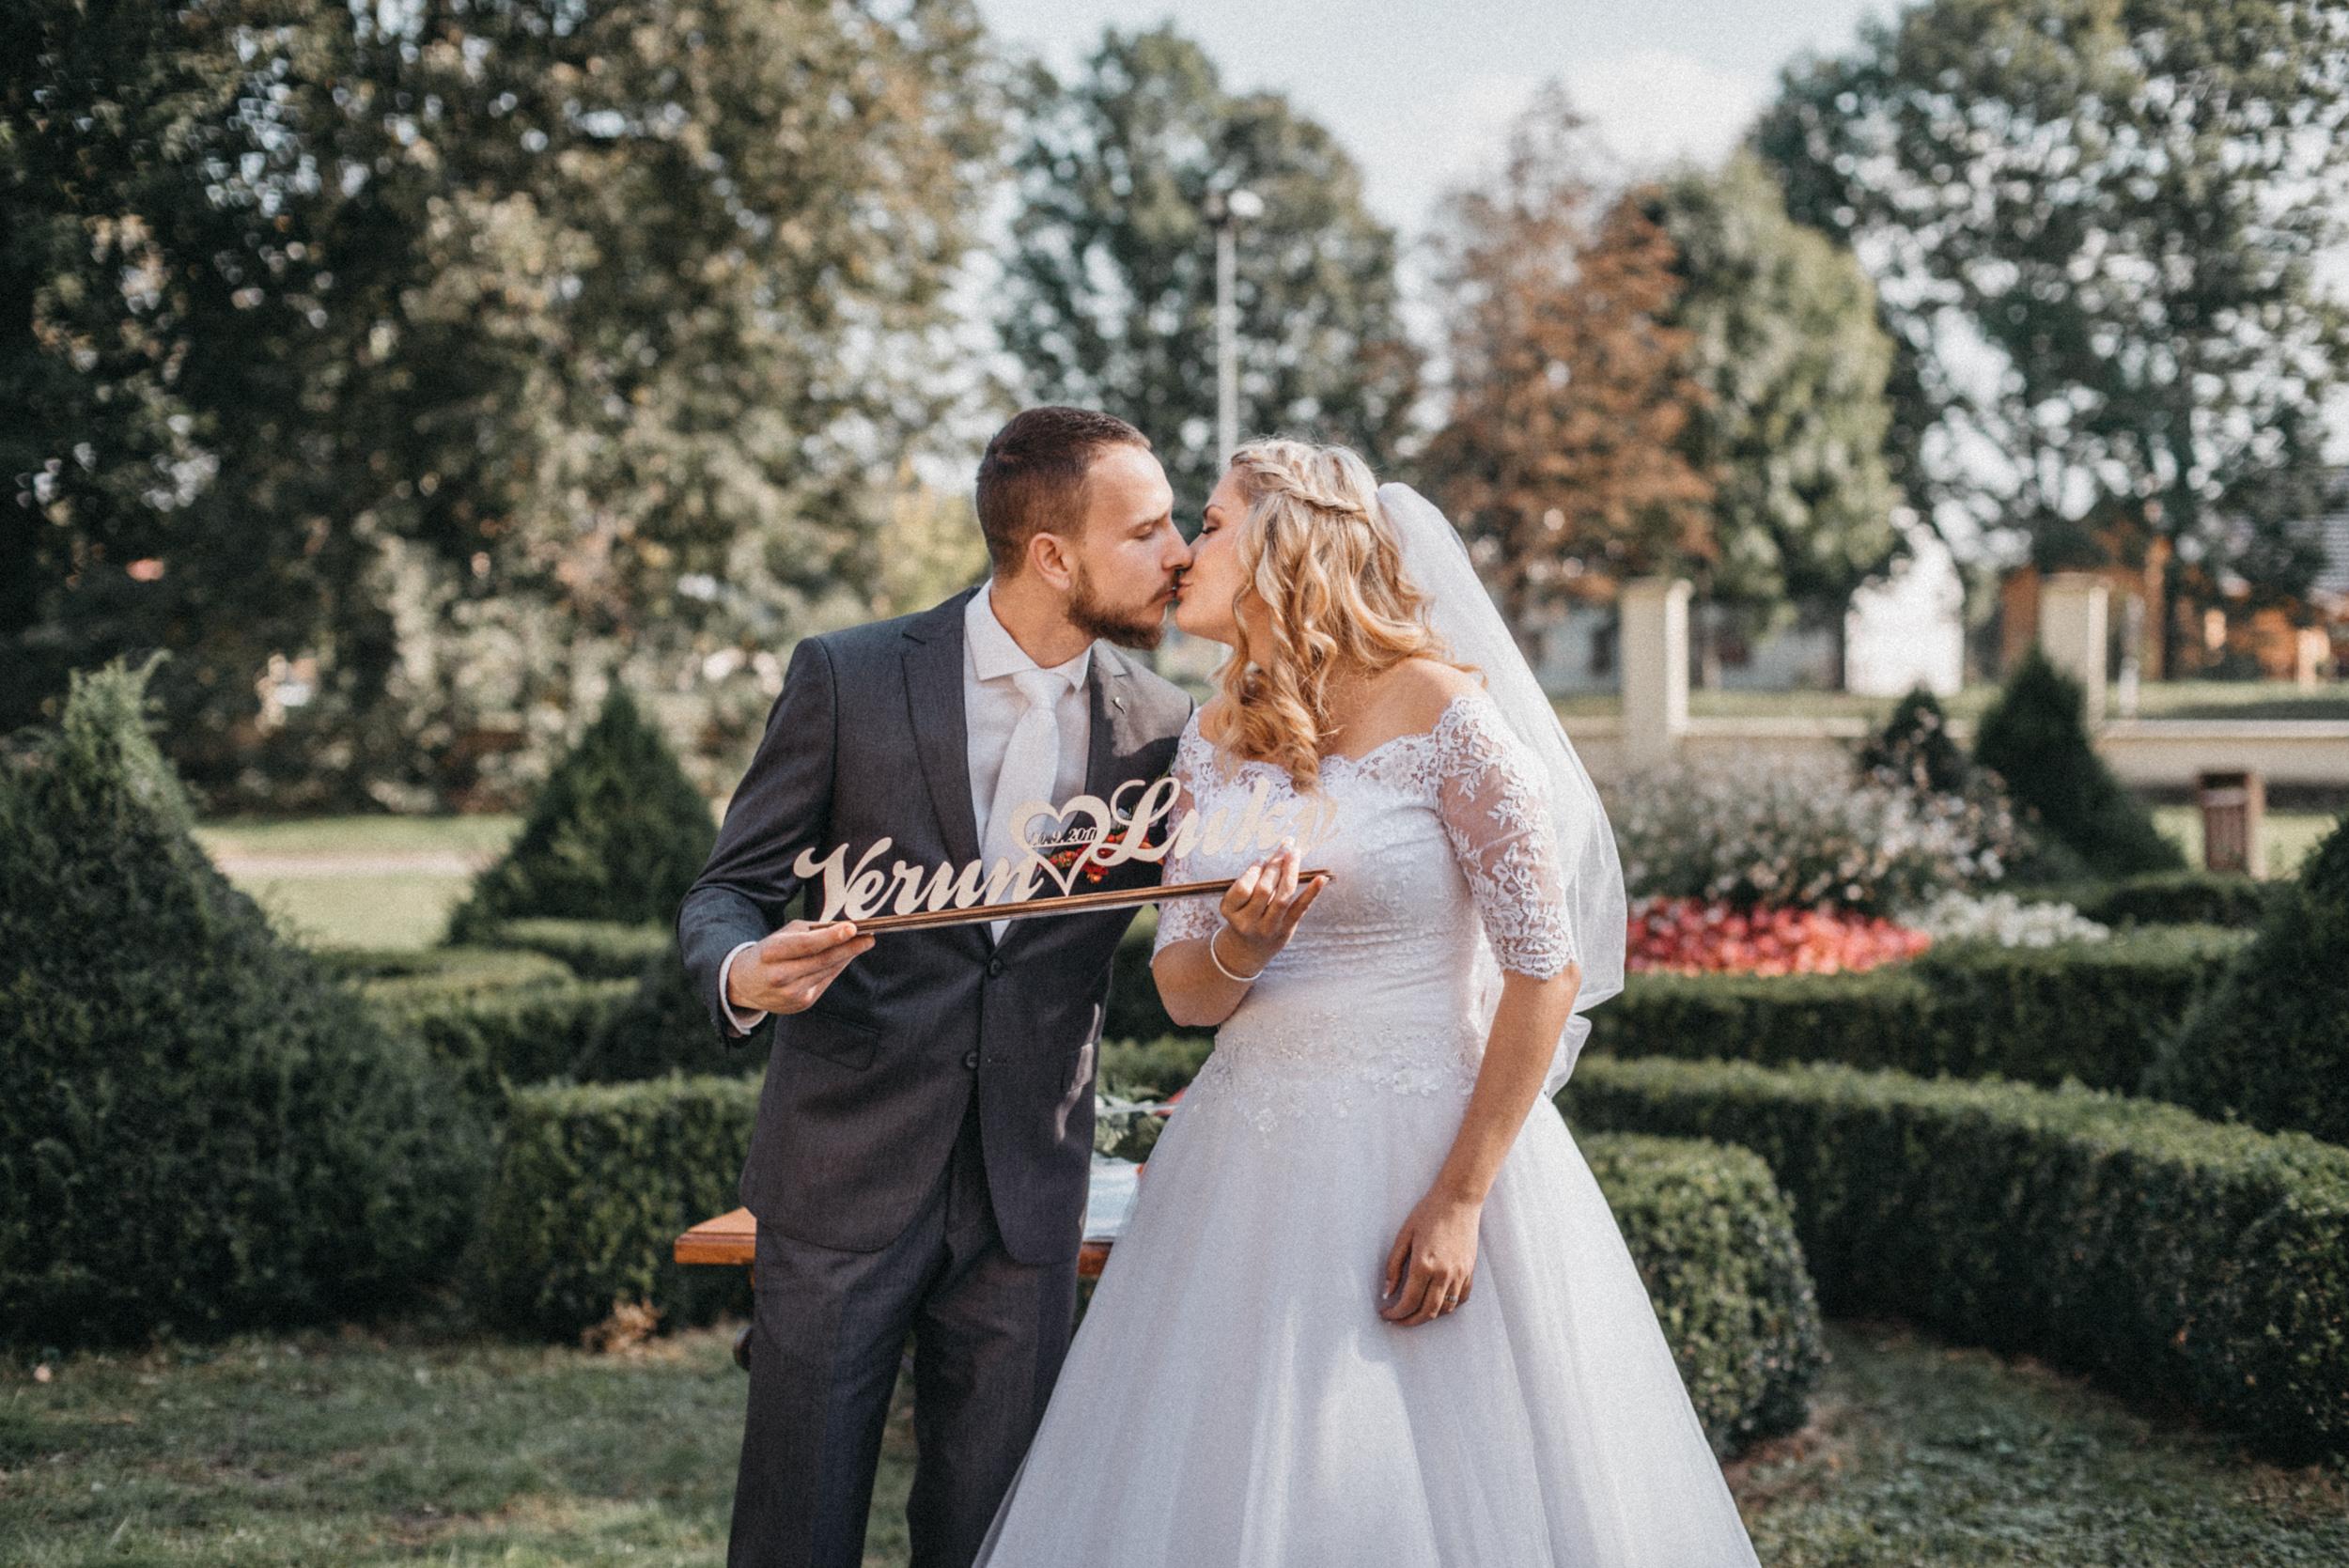 Polibek novomanželů vintage svatební fotografie